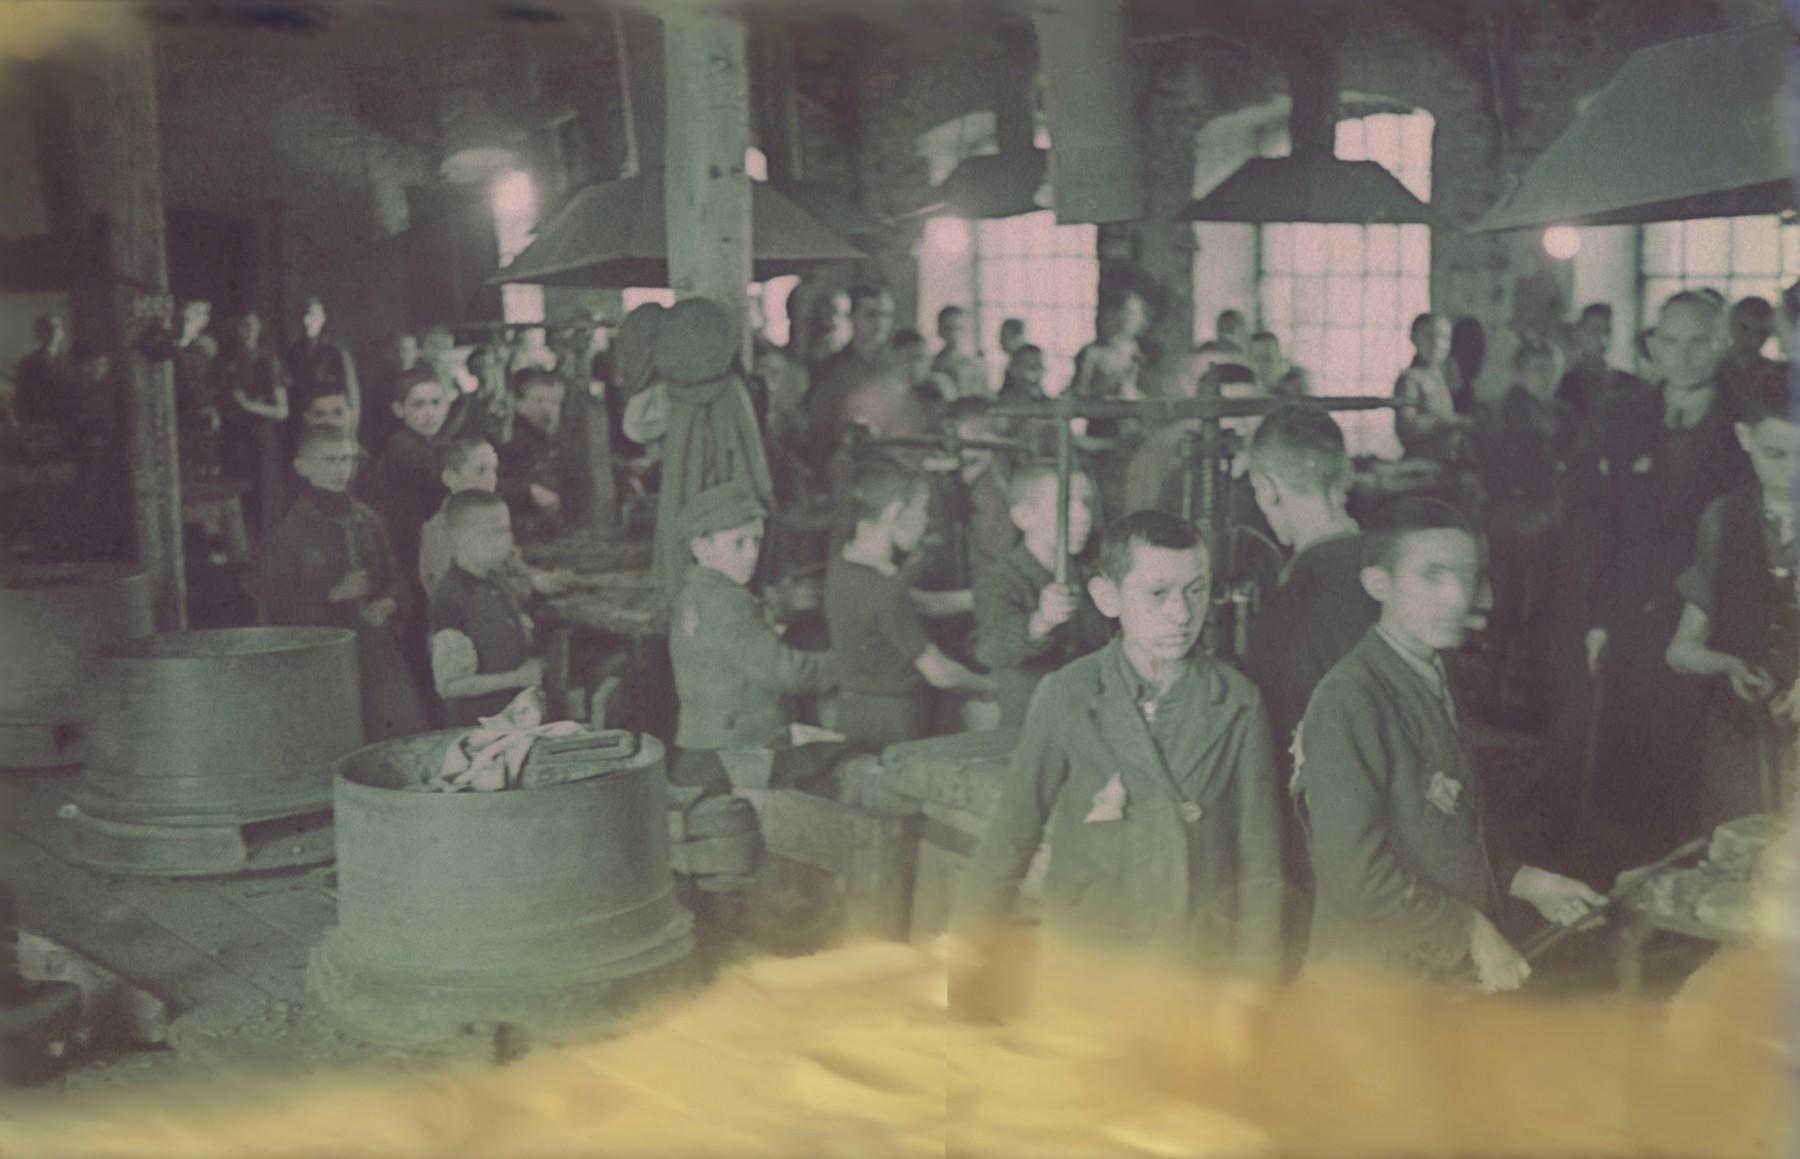 """Jewish children working in a locksmith's workshop in the Lodz ghetto.  Original German caption: """"Getto-Litzmannstadt, """"Schlosserei"""" (locksmith), #15 (number partially blurred)."""